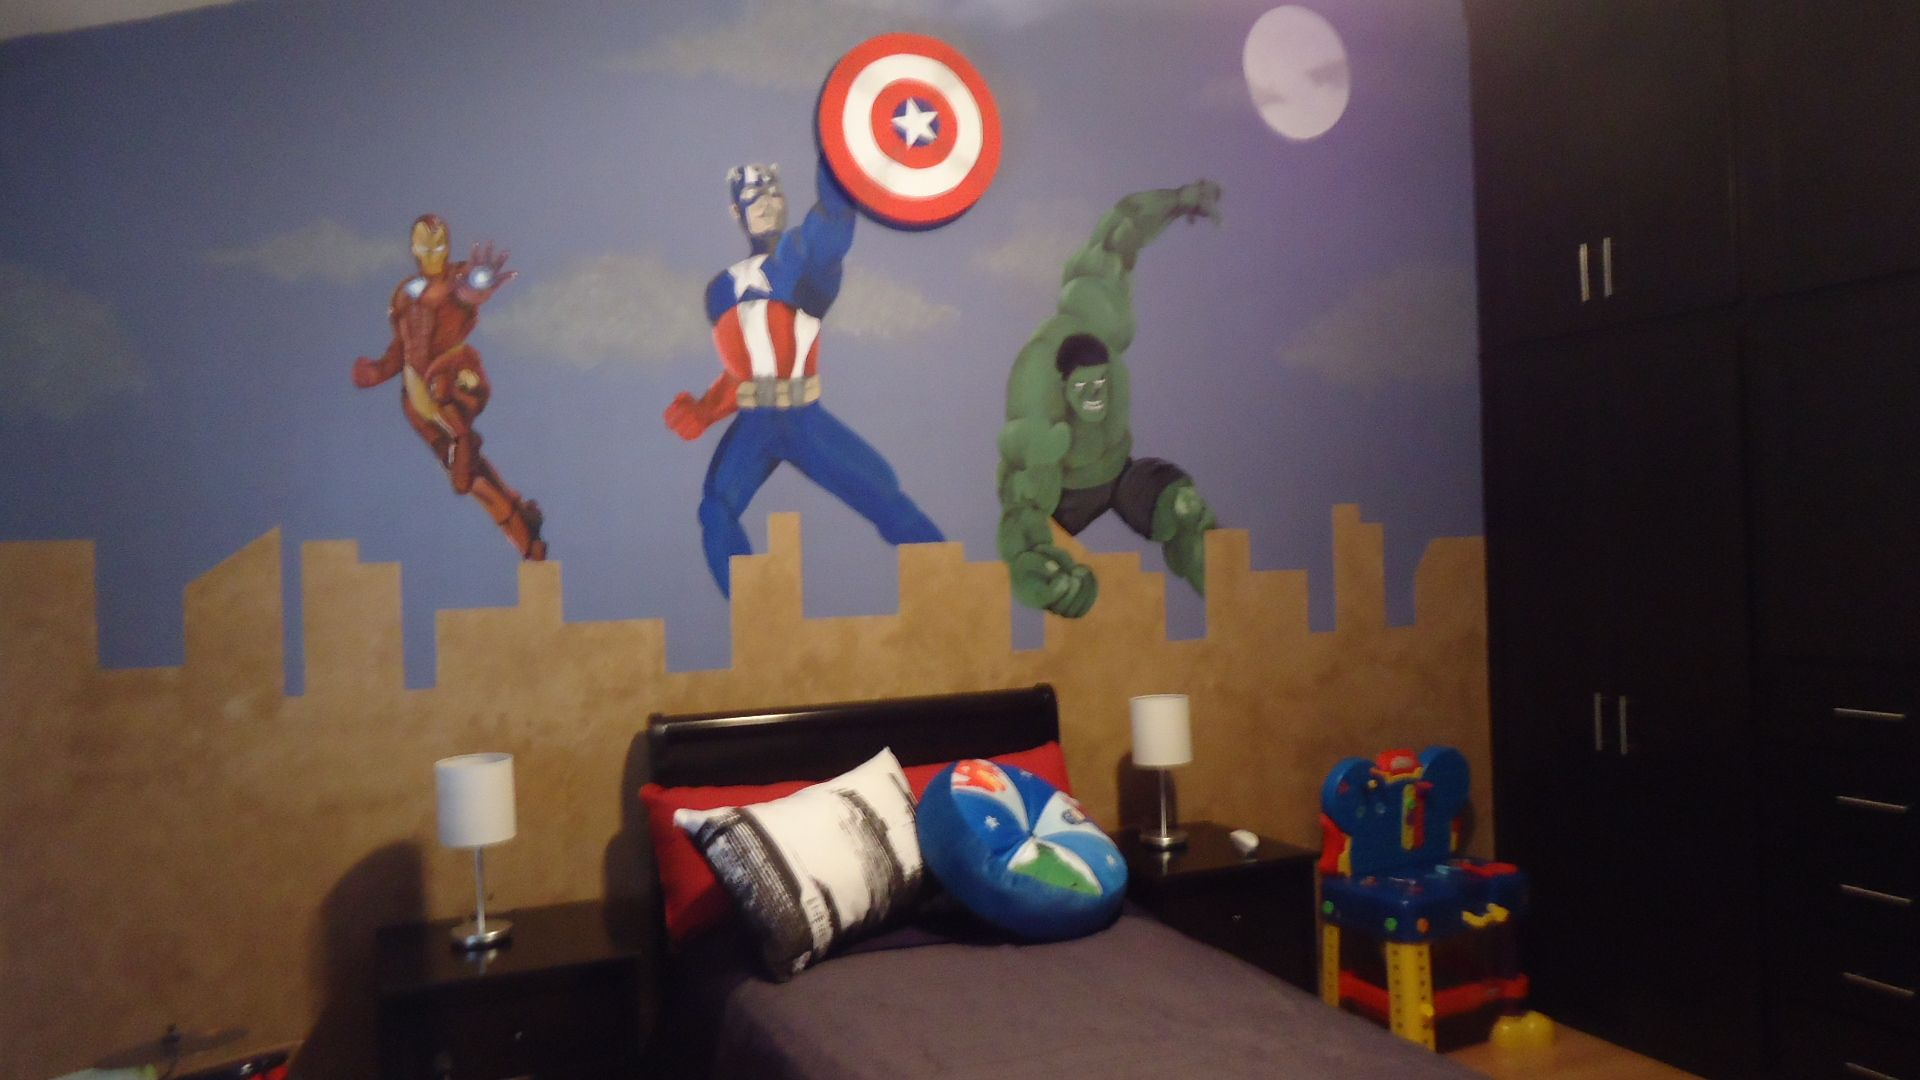 Habitaci n tem tico avengers para ni o mural pintado a for Decoracion de interiores recamaras para ninos